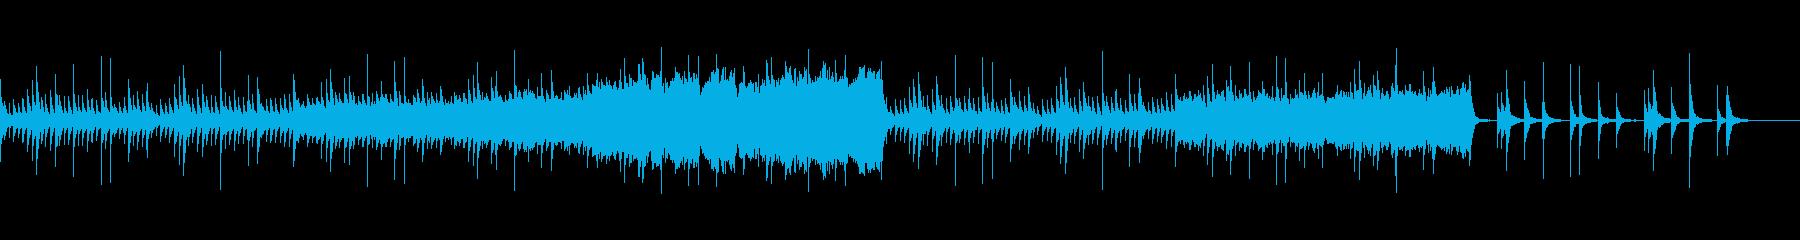 切ないオルゴール・オーケストラバラードの再生済みの波形